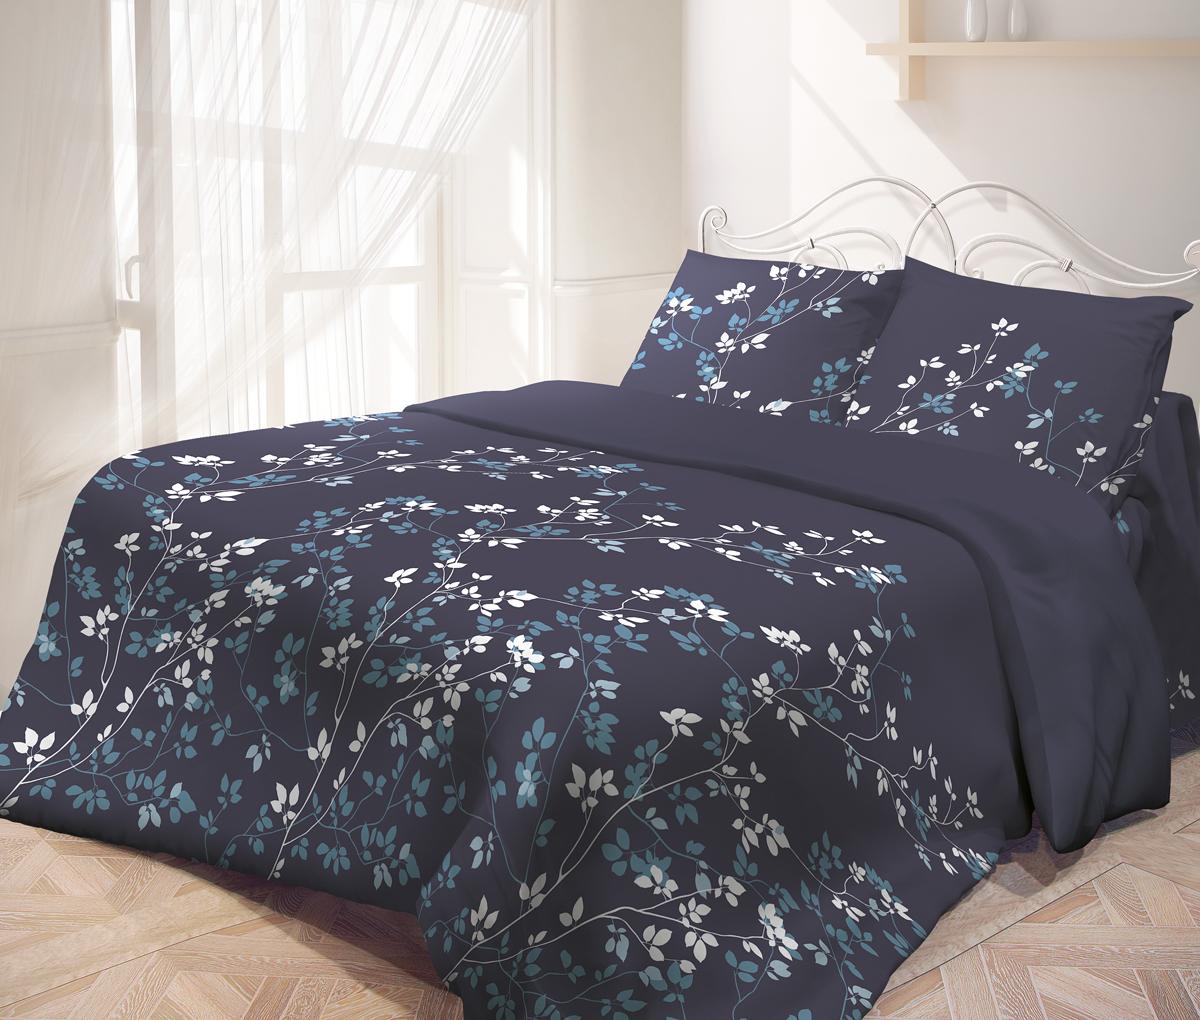 Комплект белья Самойловский текстиль Летняя ночь, семейный, наволочки 50х70714257Комплекты постельного белья Самойловский текстиль - это максимально натуральный, естественный комфорт и невероятно приятные тактильные ощущения и актуальные современные дизайны. Чрезвычайно мягкая на ощупь поверхность хлопковой ткани Cottonsoft - будто нежный и мягкий лепесток цветка. Она имеет бархатистую структуру благодаря использованию особого сырья и технологий при производстве. Неприхотливая в уходе, 100% натуральная, износостойкая, но самое главное - особенно мягкая, она безусловно понравится тем, кто любит понежиться в постели и станет отличной альтернативой традиционным комплектам из тканей полотняной структуры.